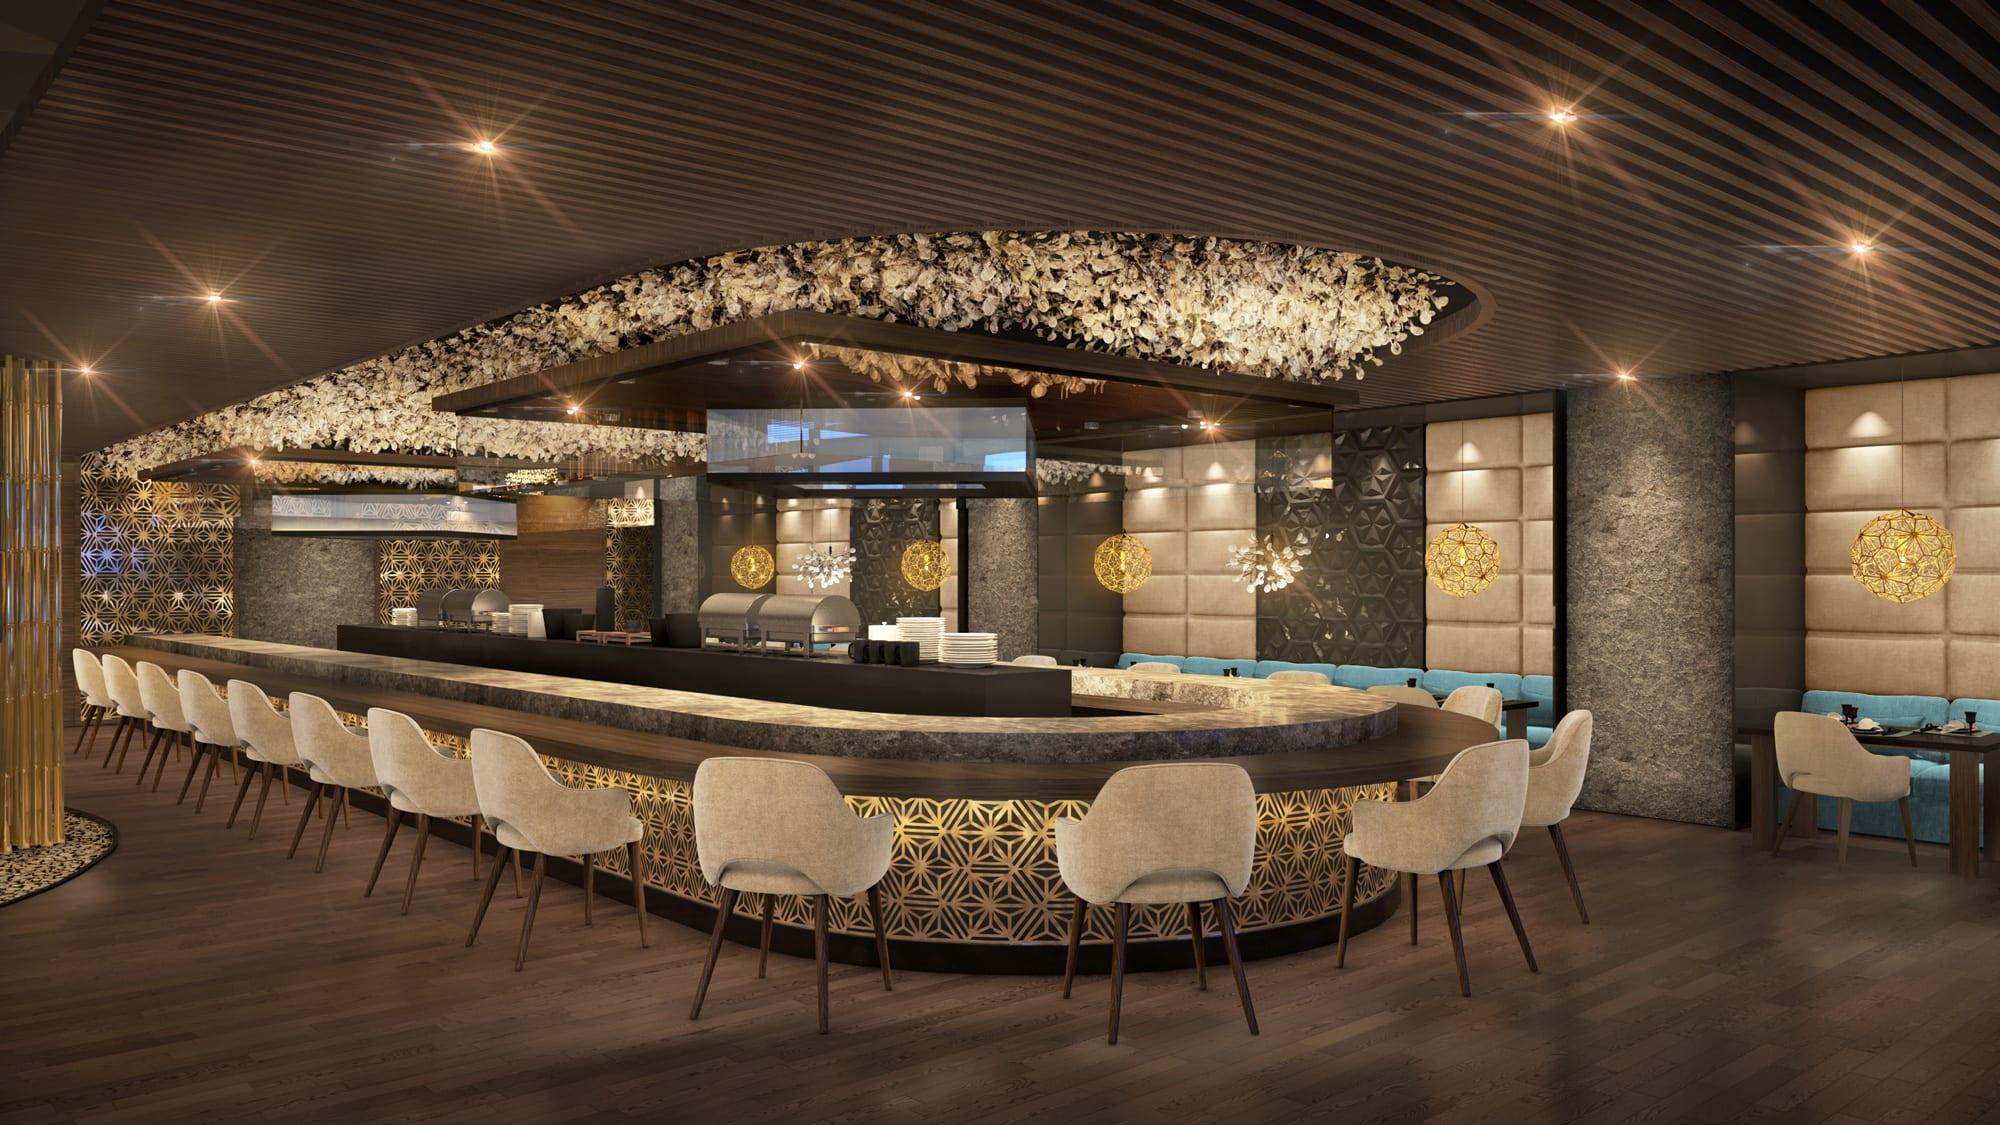 Hotel Interior Design, Dubai, UAE Idea